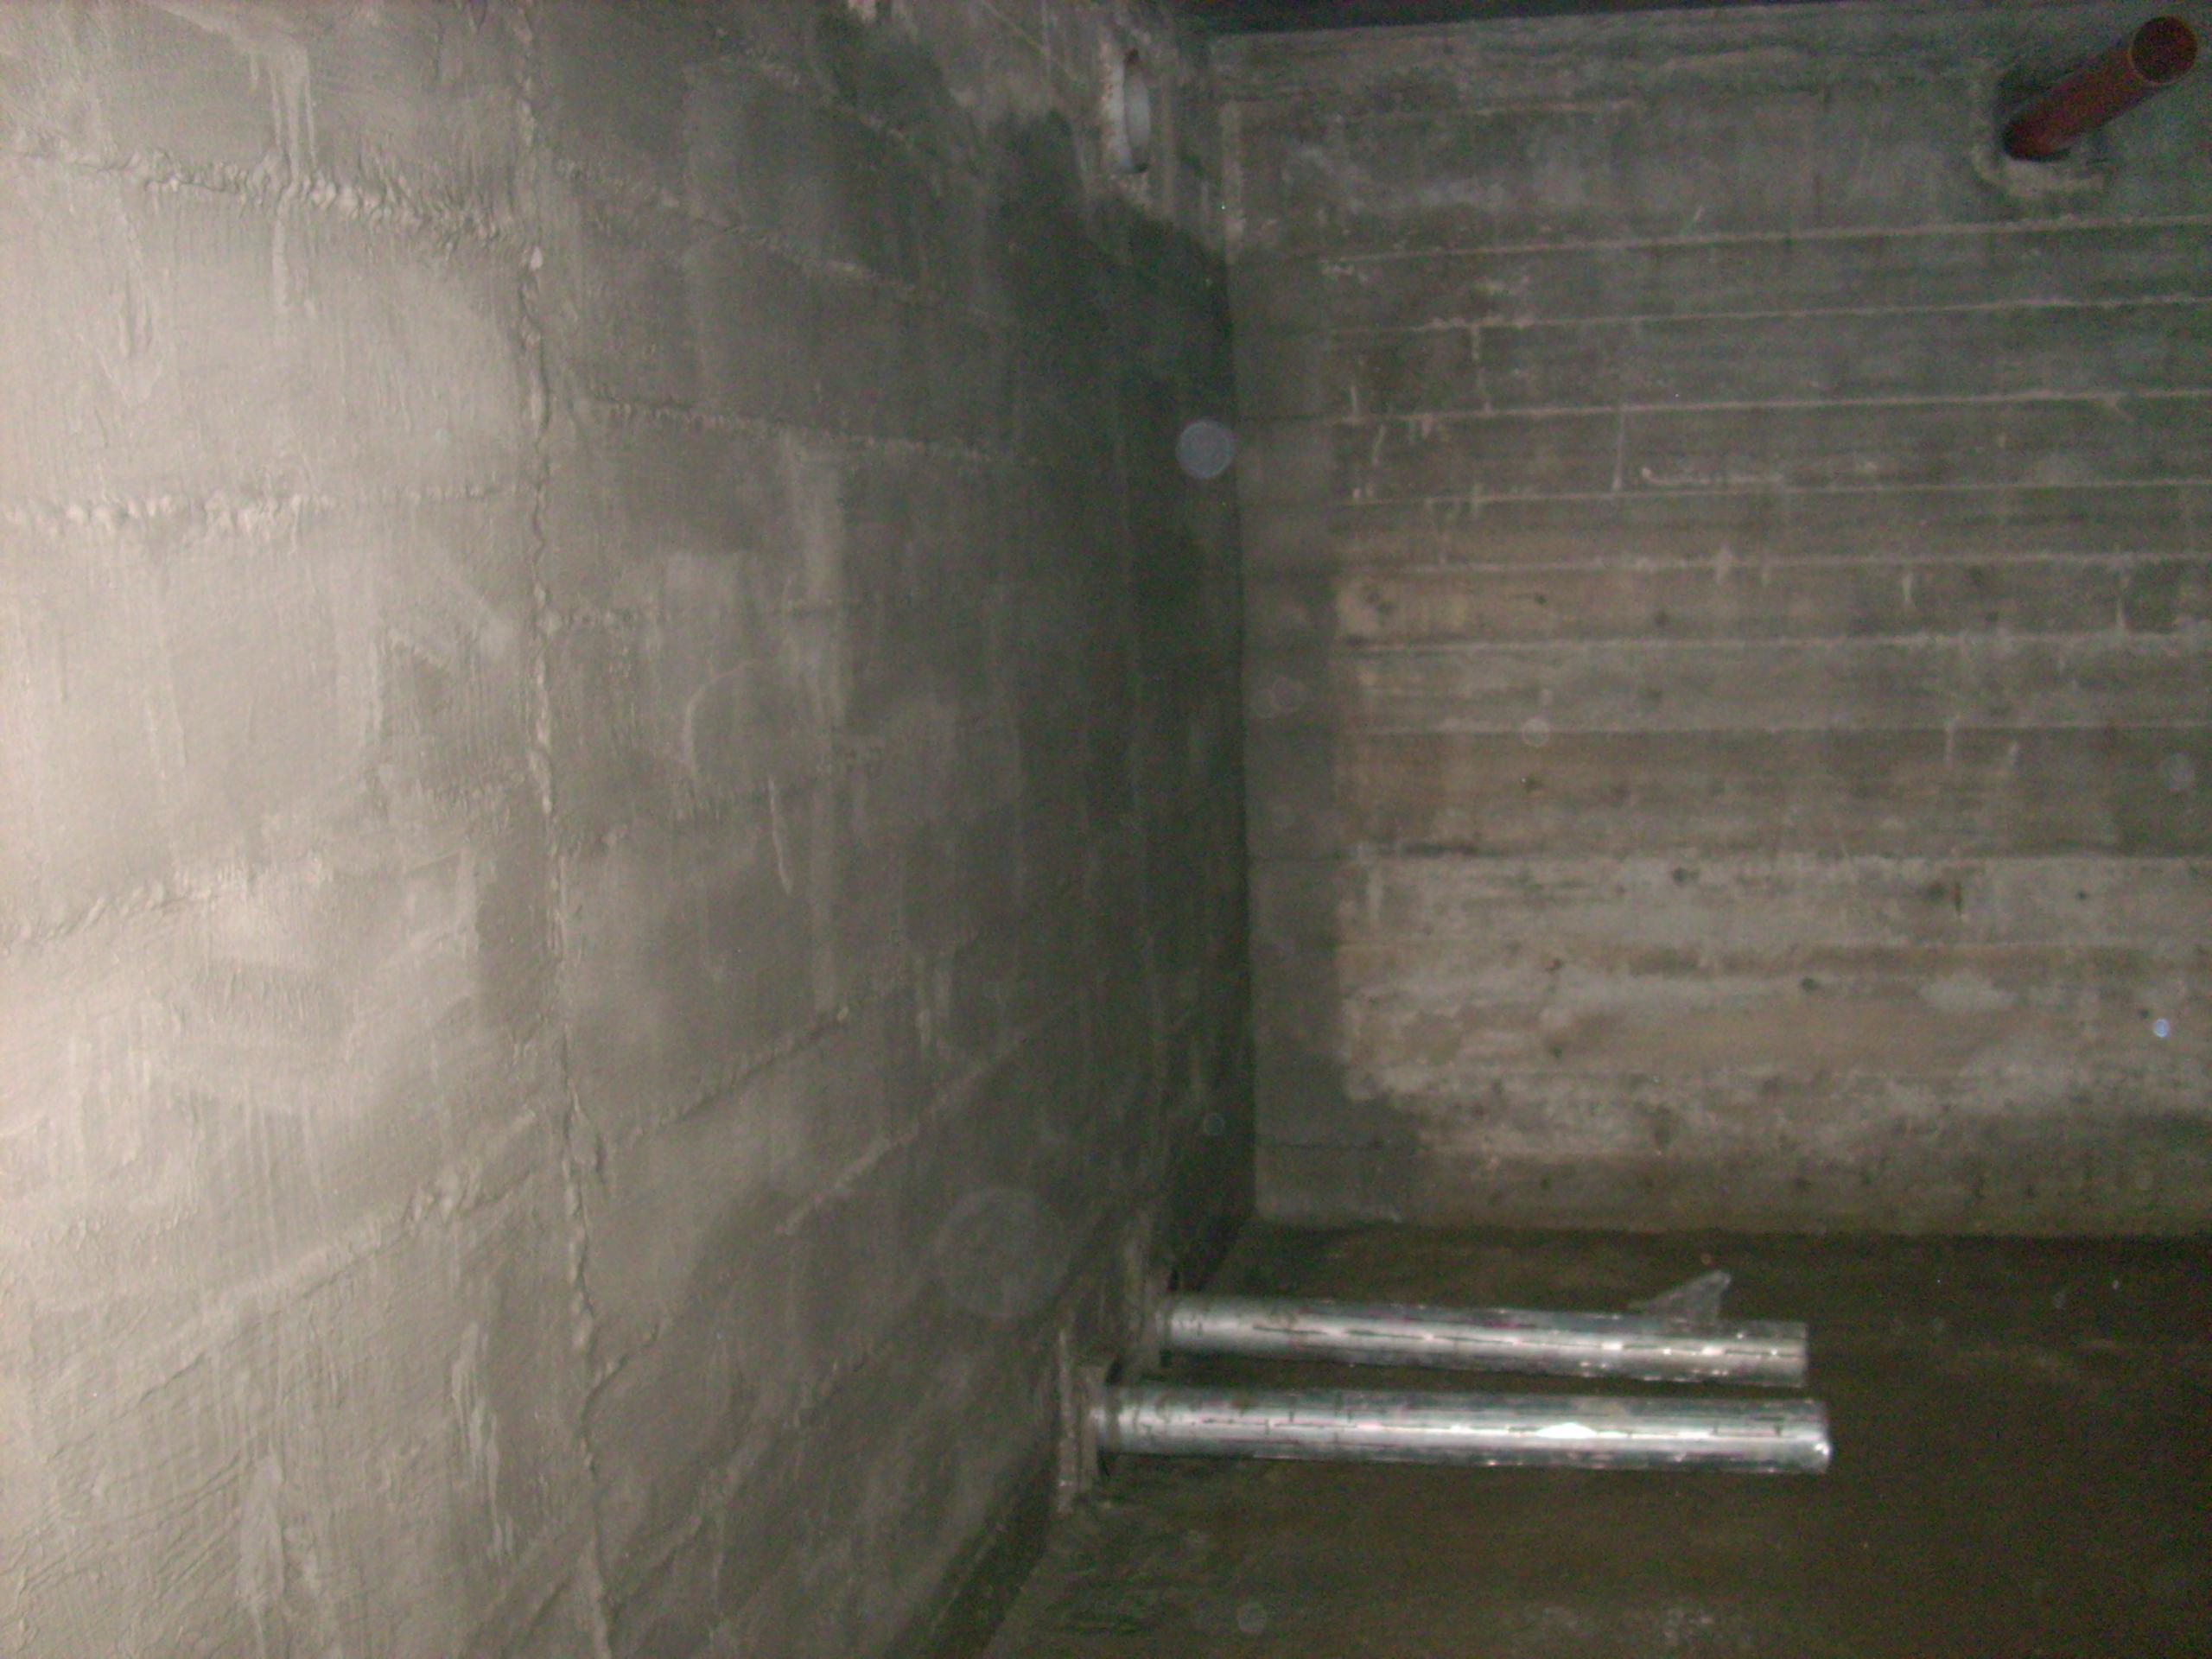 Aplicarea tratamentelor de impermeabilizare - BALCOVI - Bazin apa - Nissan - Tunari UNICO PROFIT - Poza 2